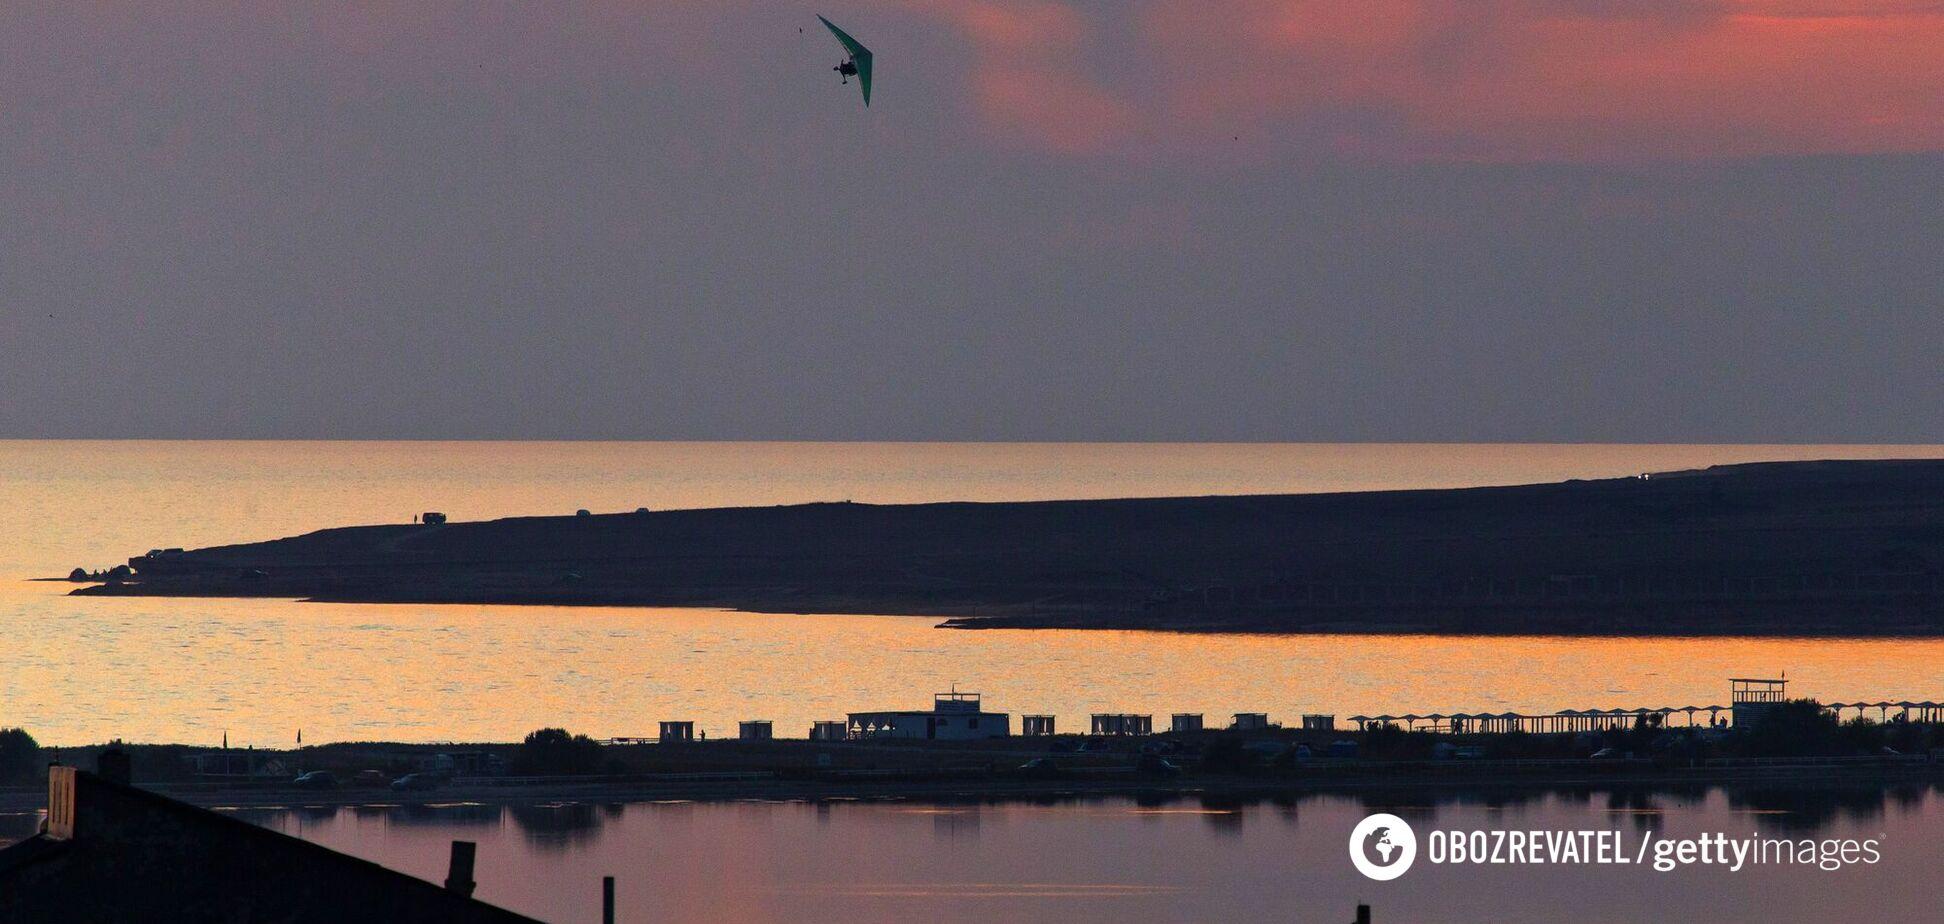 Новости Крымнаша. Когда Крым вернется, надеюсь отсудить у них квартиру